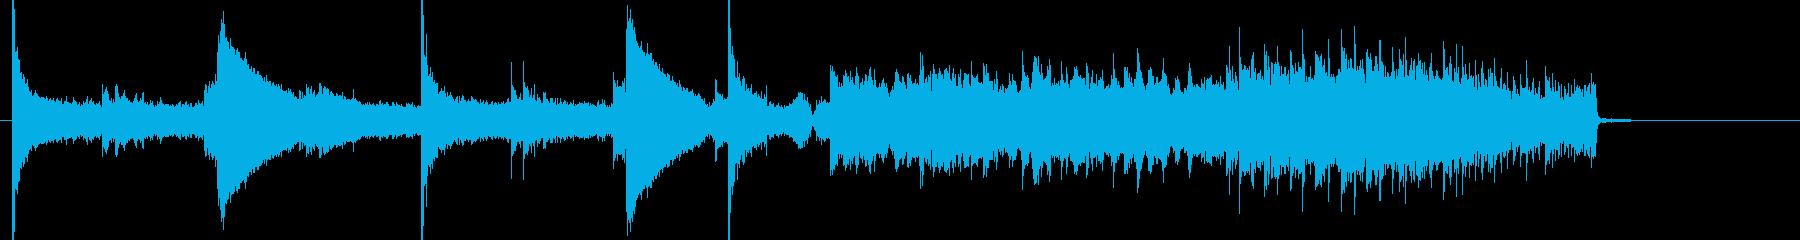 何かが始まる予感がする幻想的なシンセの曲の再生済みの波形